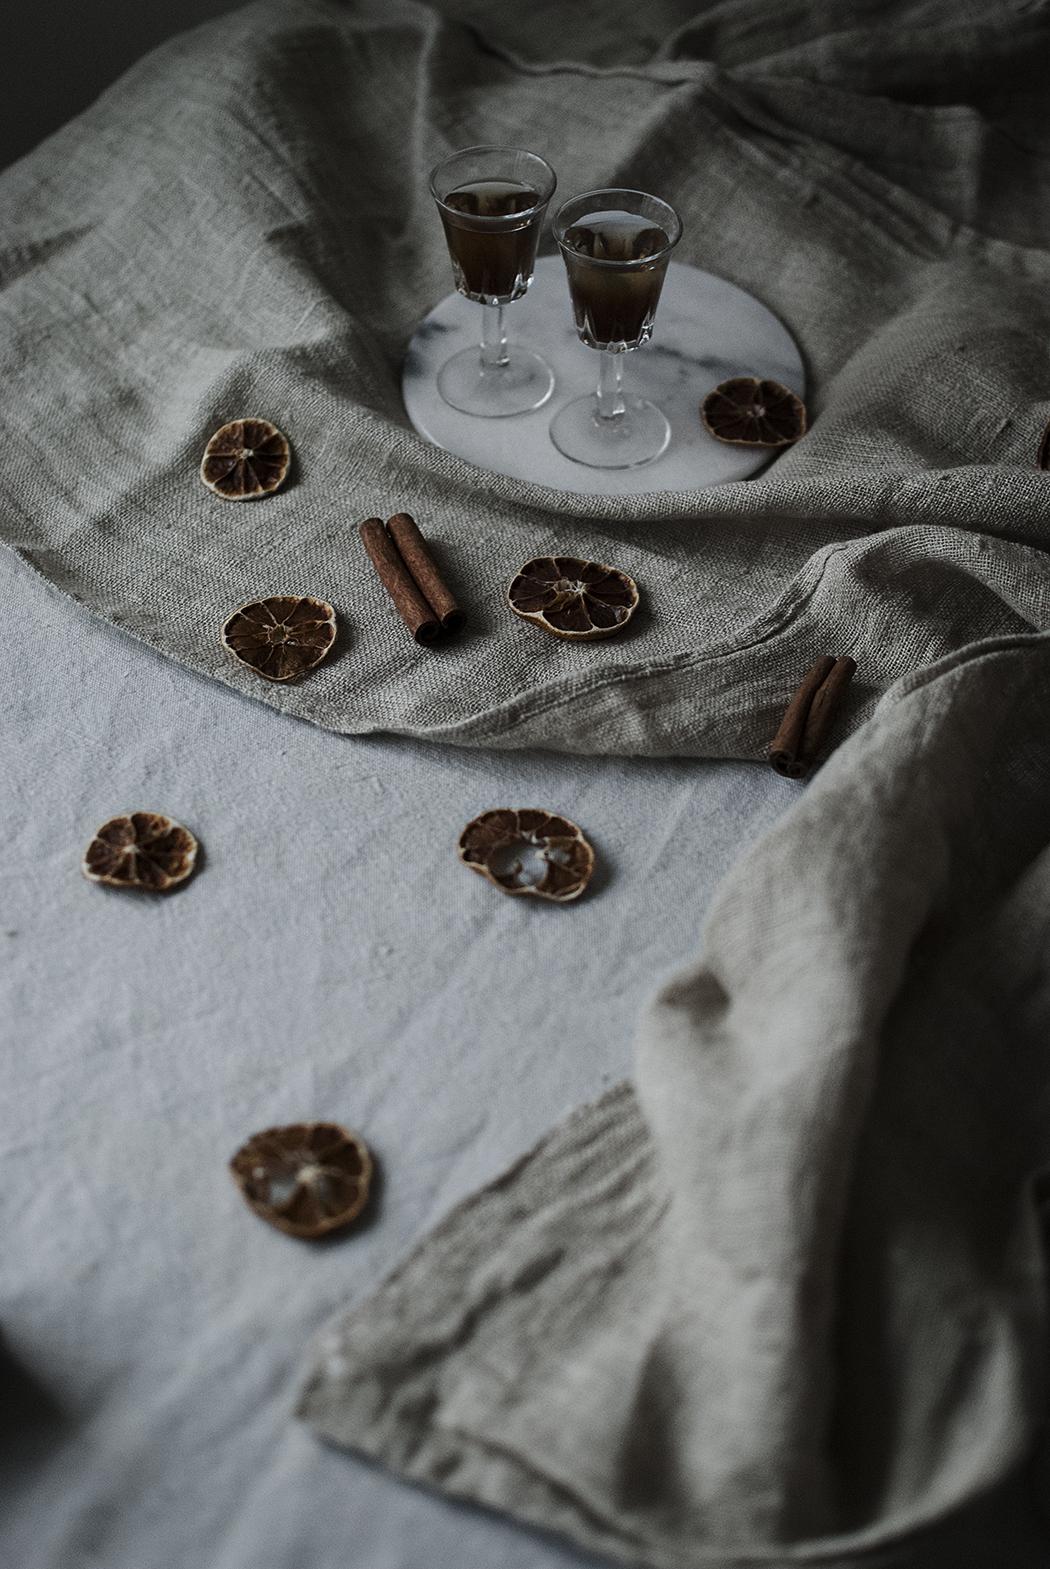 Kryddad snaps: kanel och pomerans